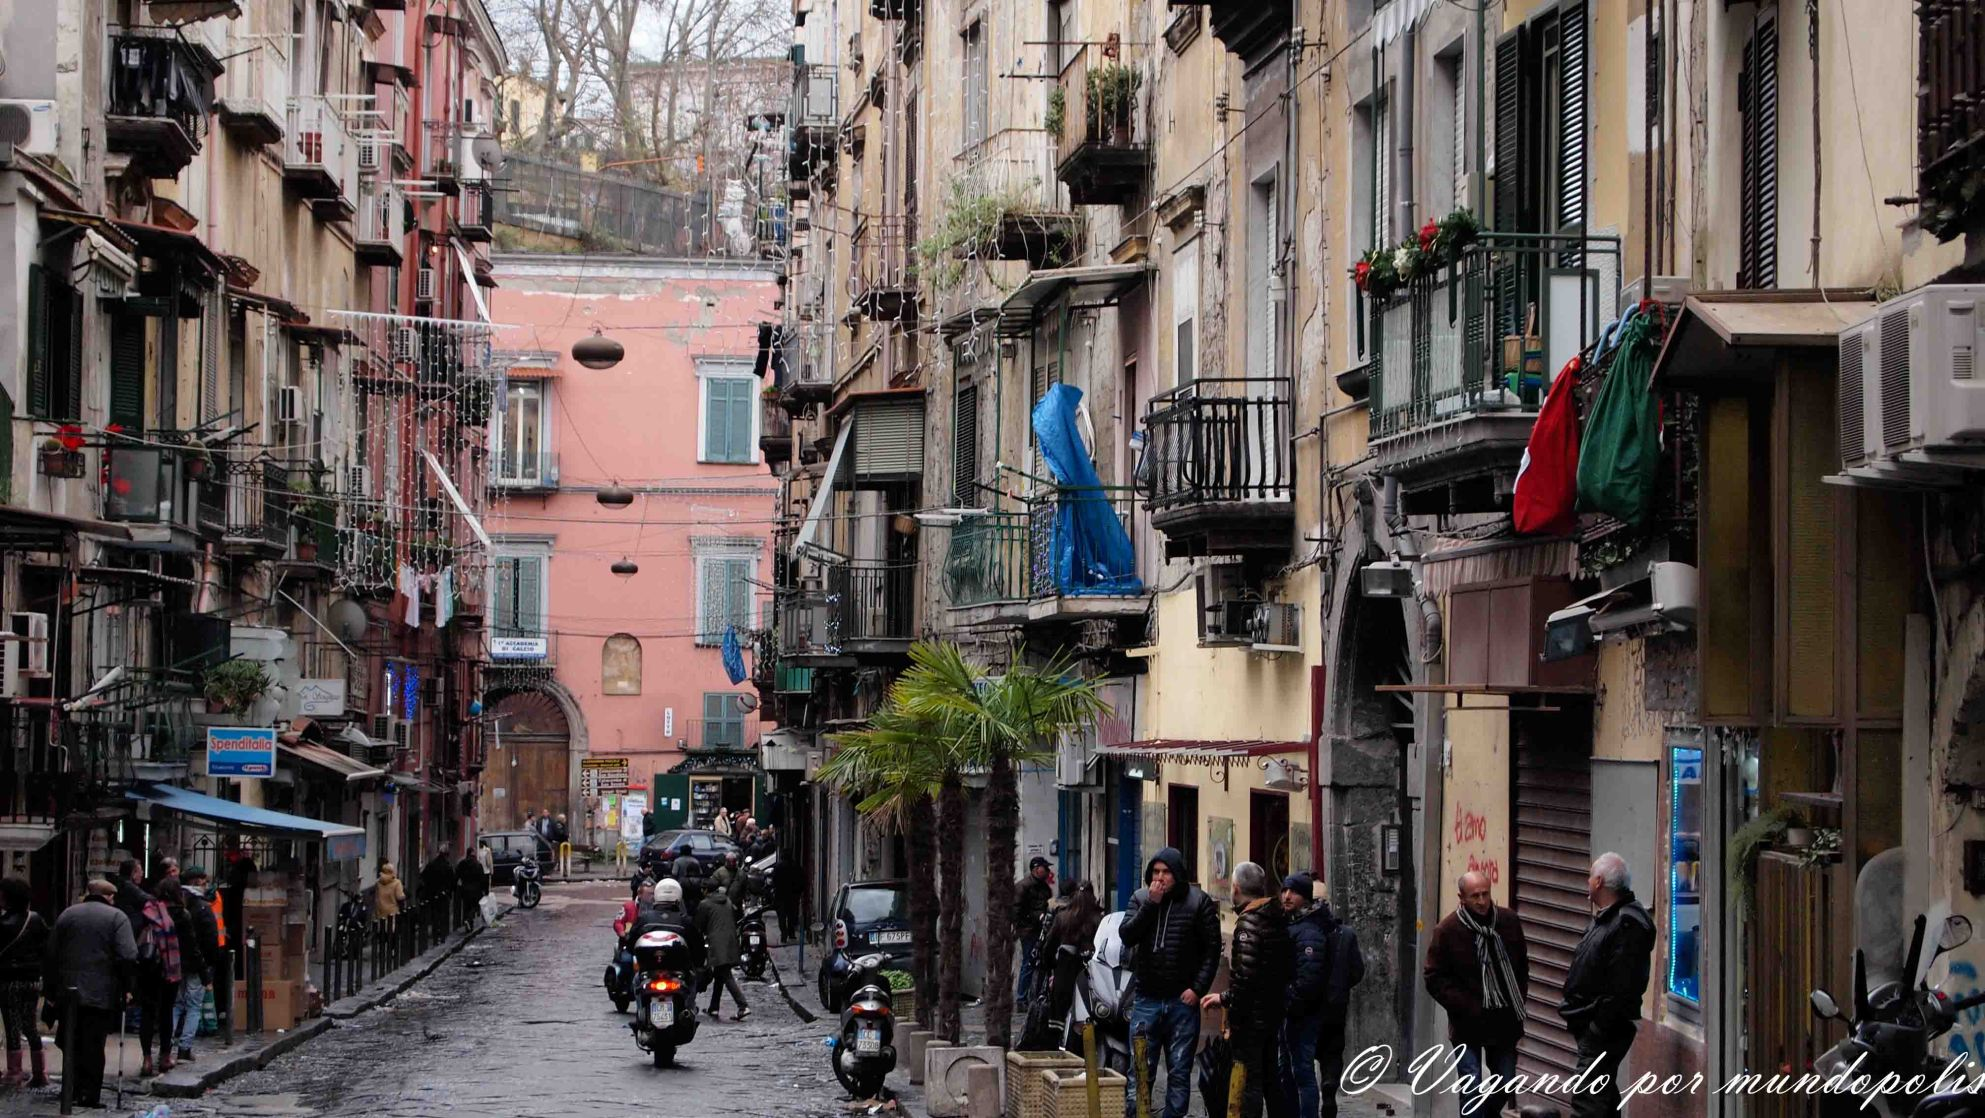 turismo-en-napoles-que-ver-barrio-español